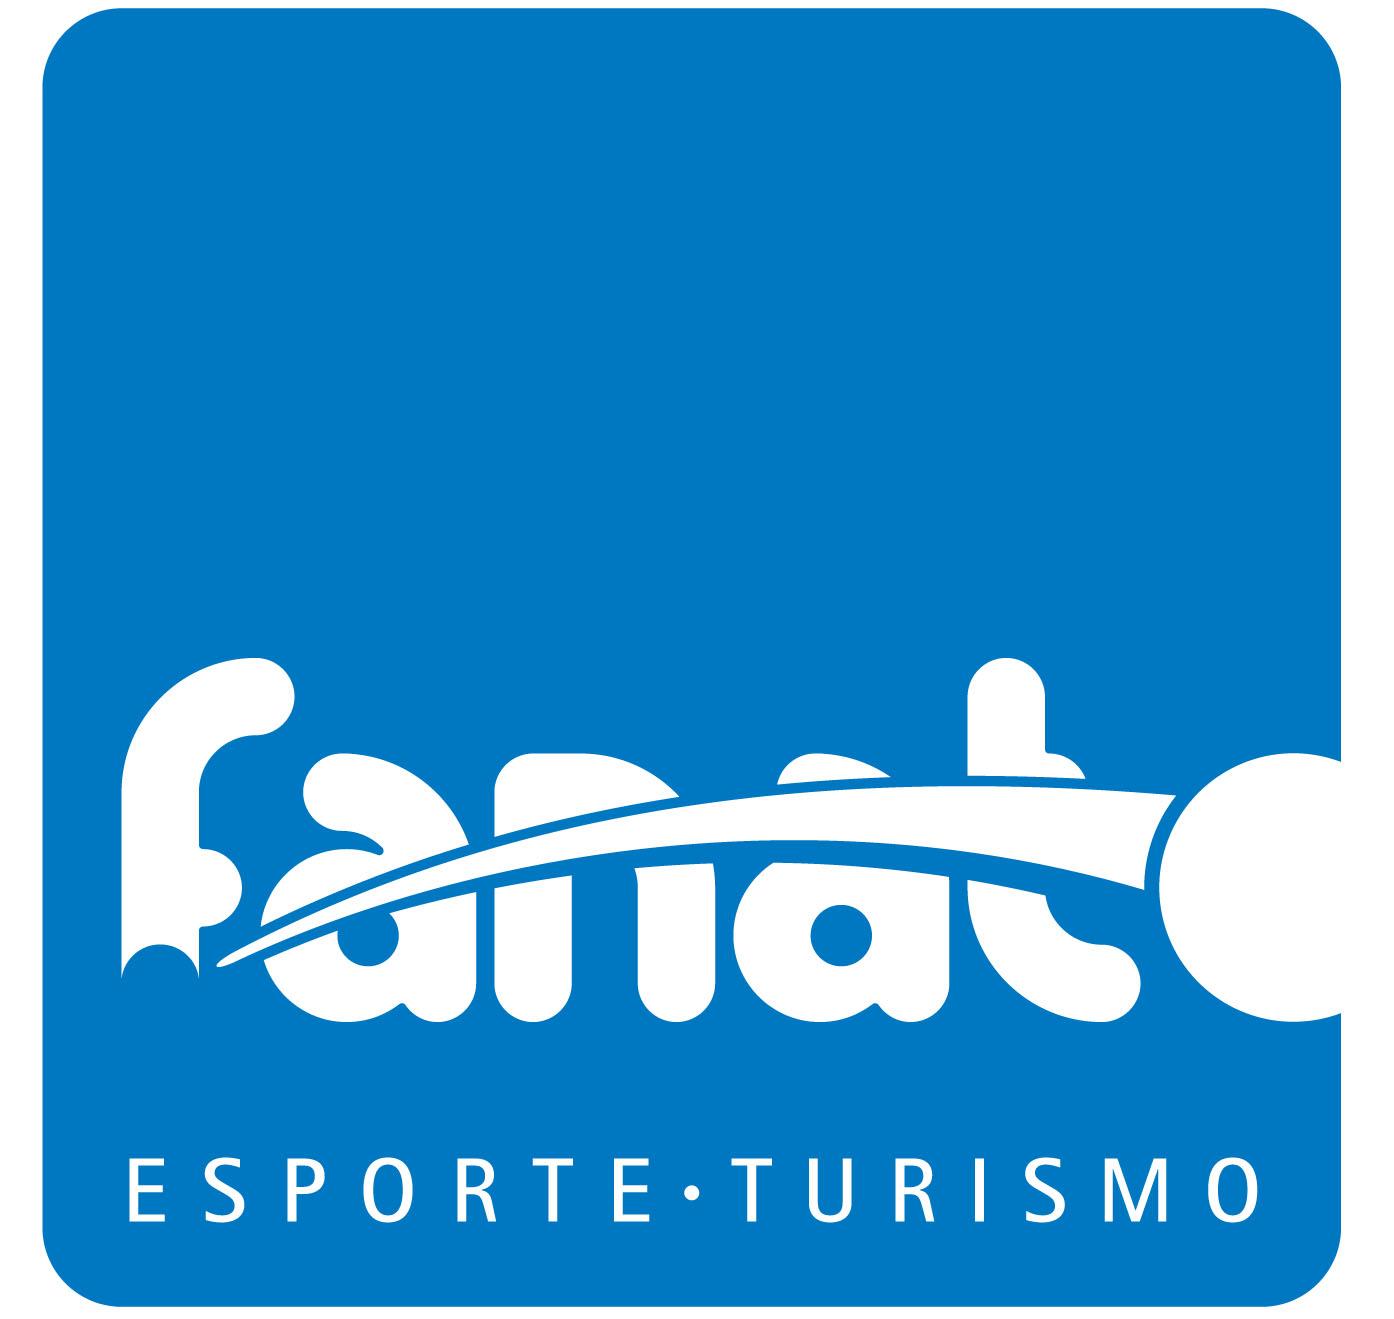 Fanato - Esporte Turismo